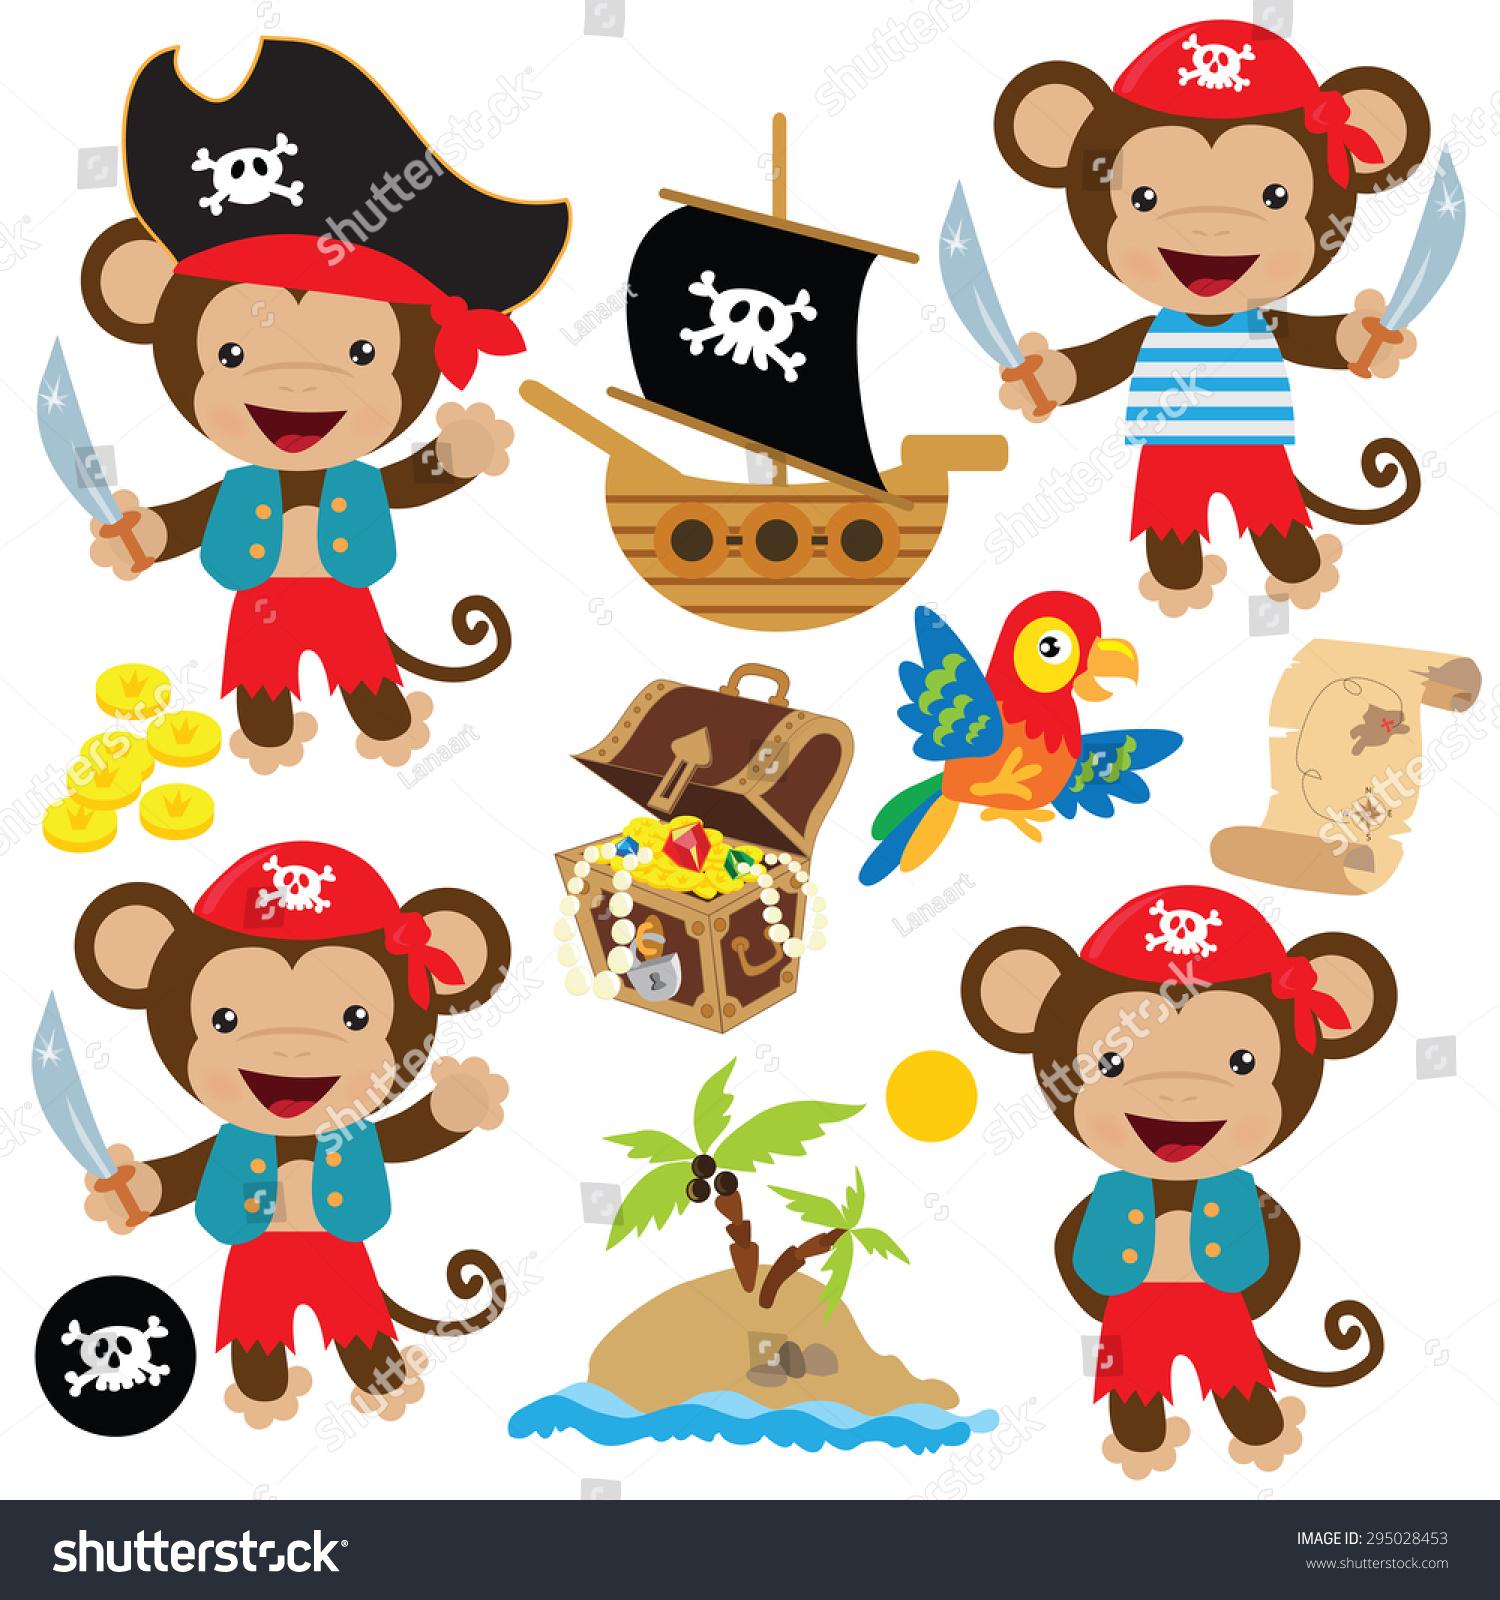 可爱的海盗猴子矢量插图-动物/野生生物-海洛创意()-.